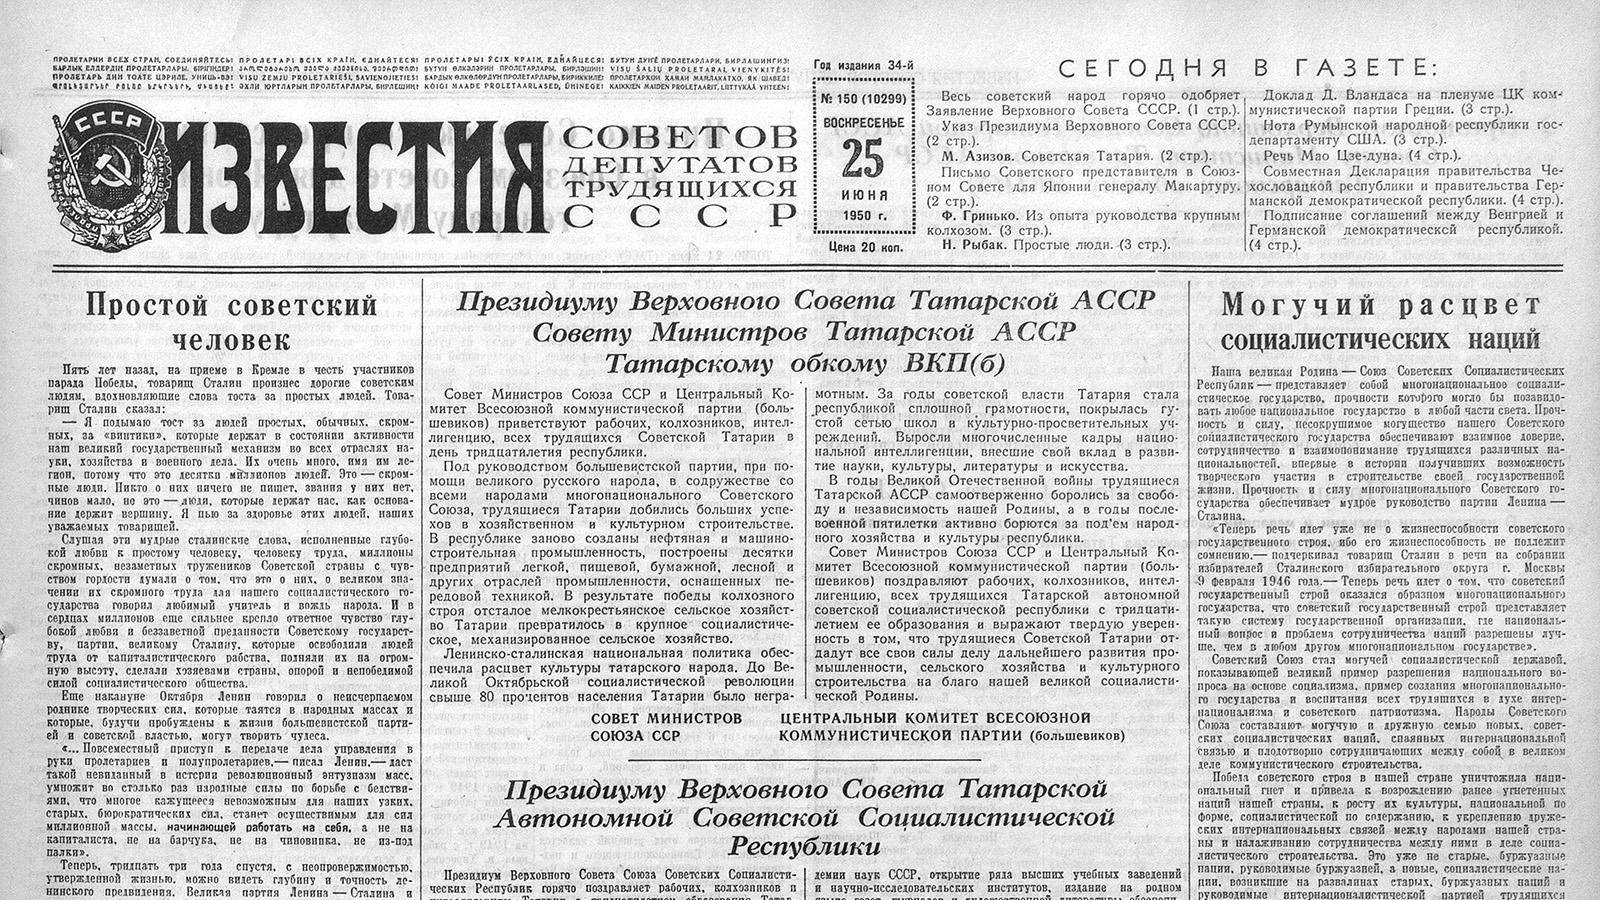 1949 год. Архив газеты